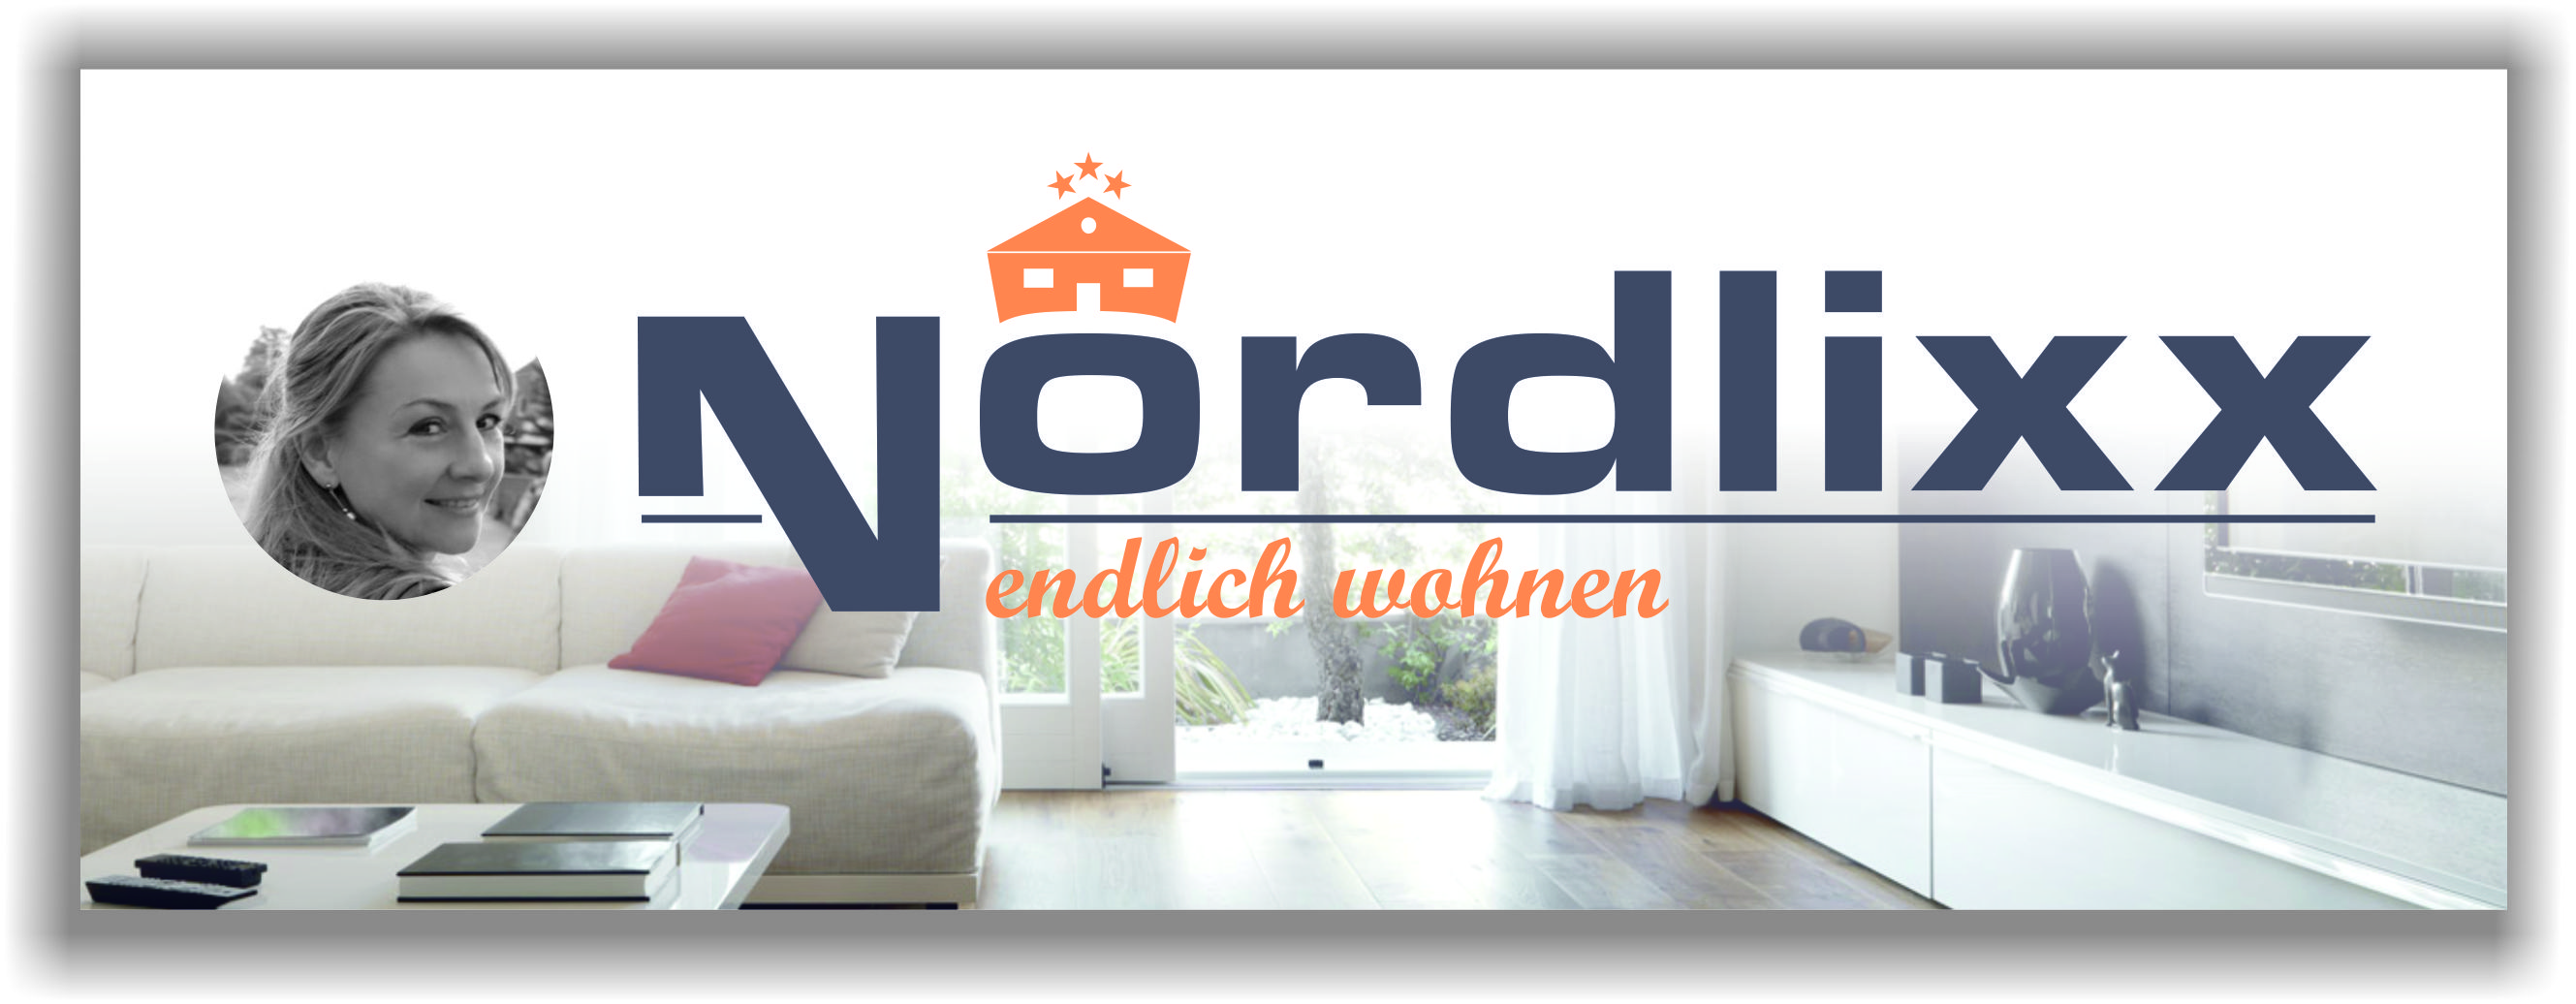 Hier sehen Sie das Logo von NORDLIXX endlich wohnen